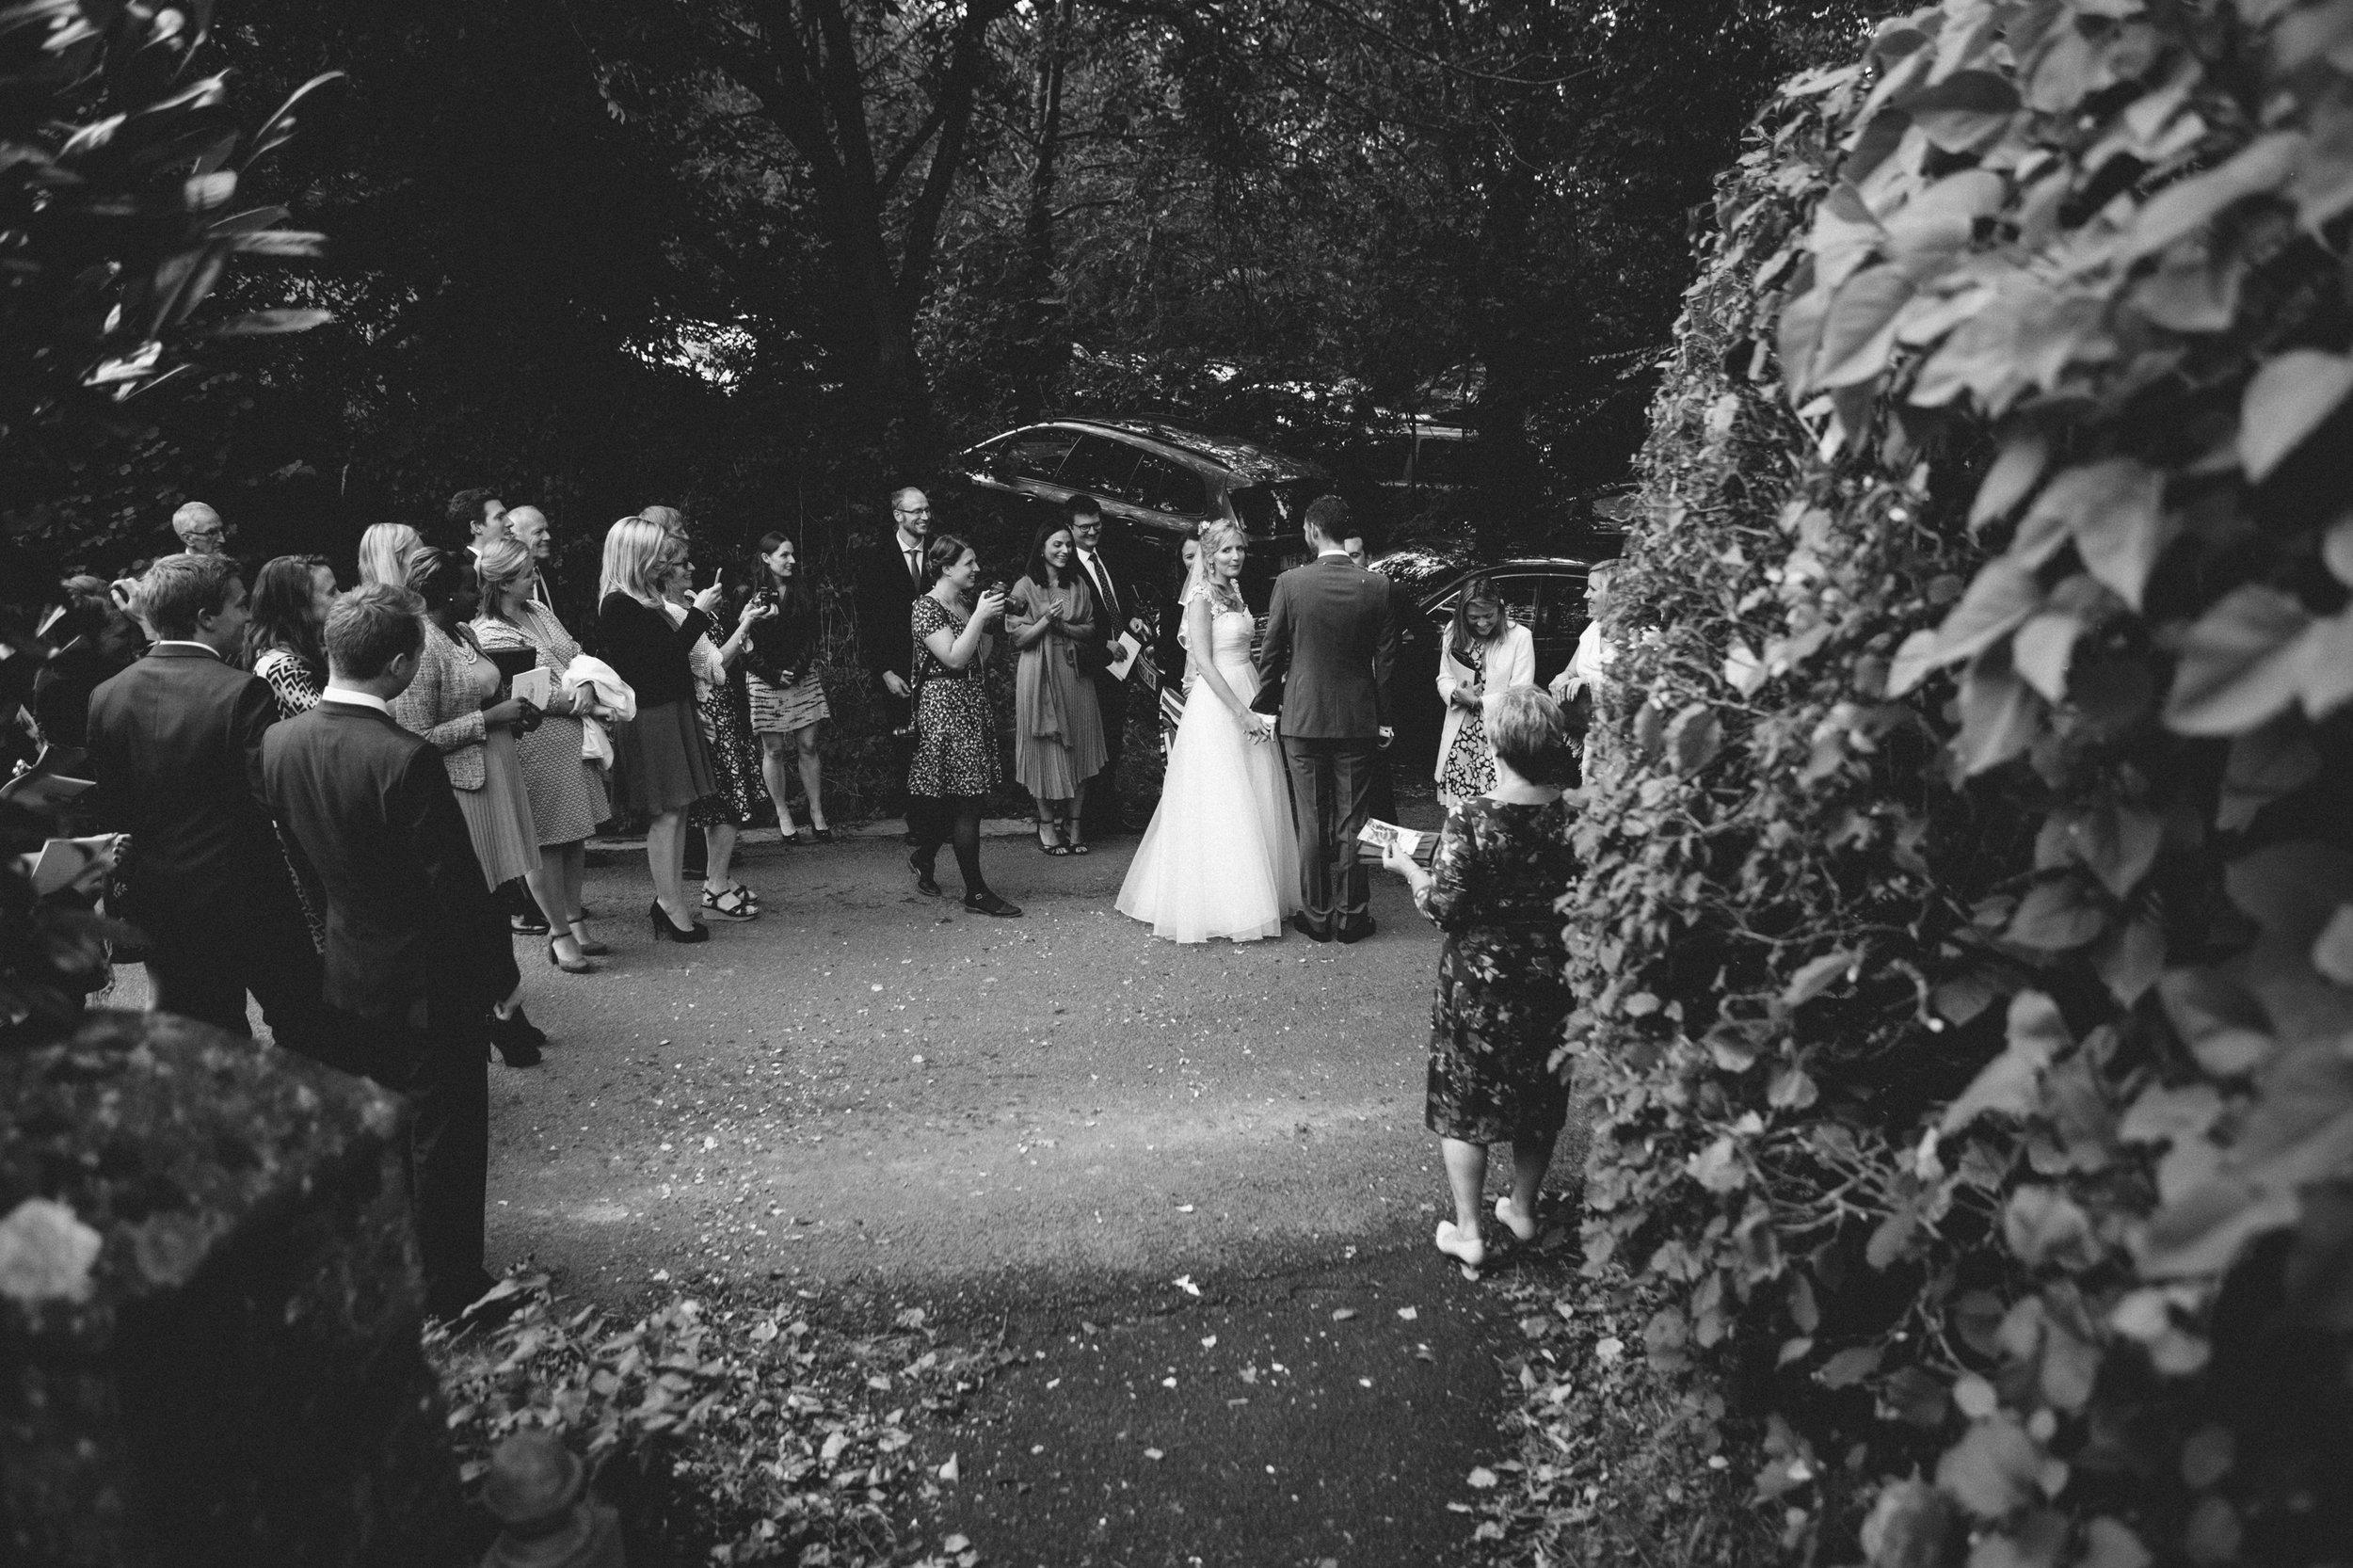 uk wedding photographer artistic wedding photography-75.jpg